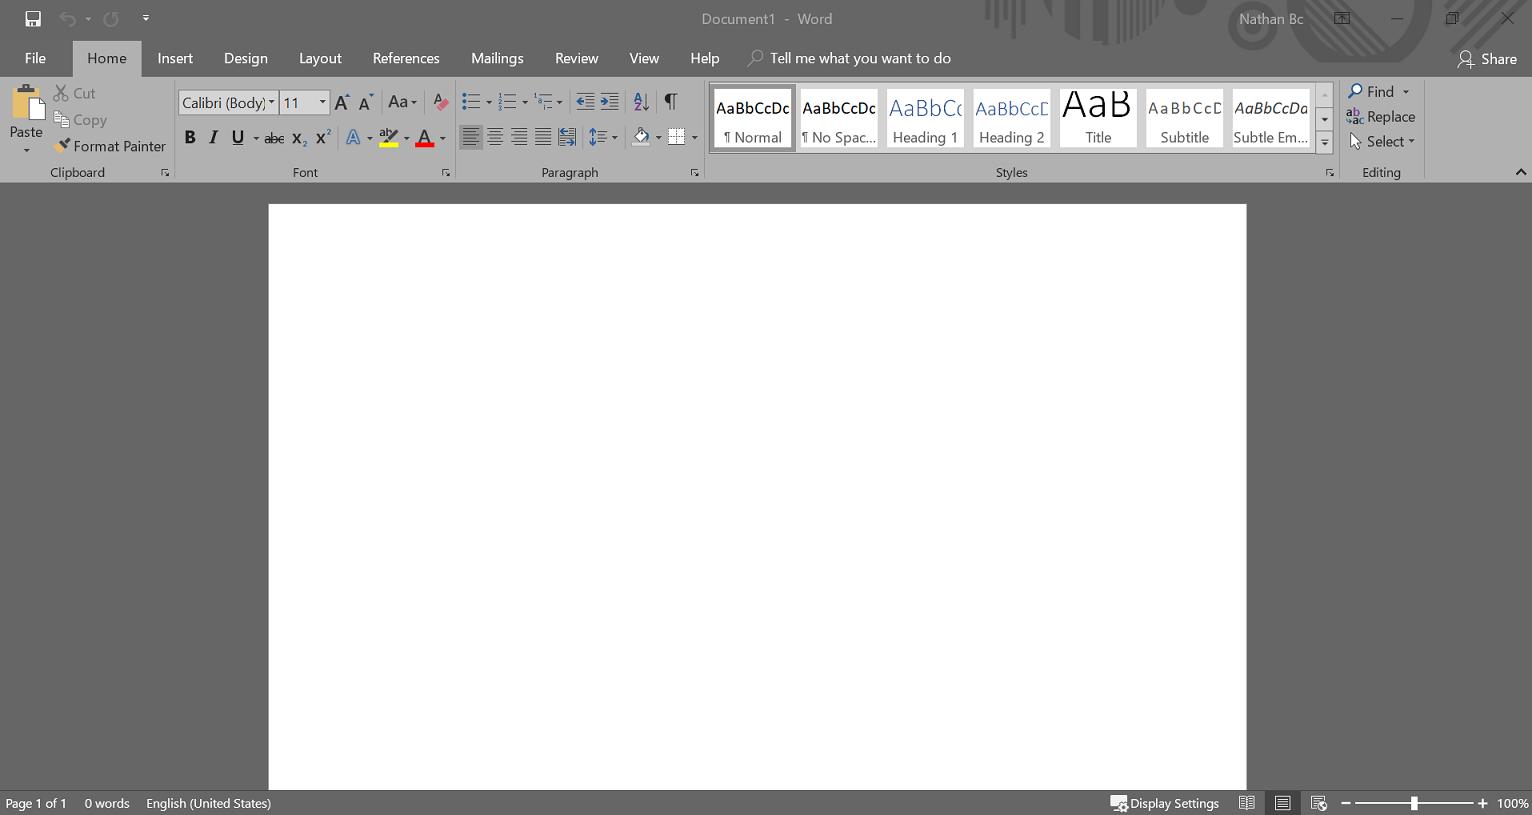 เปลี่ยน Theme ใน Microsoft Office เป็น Dark theme